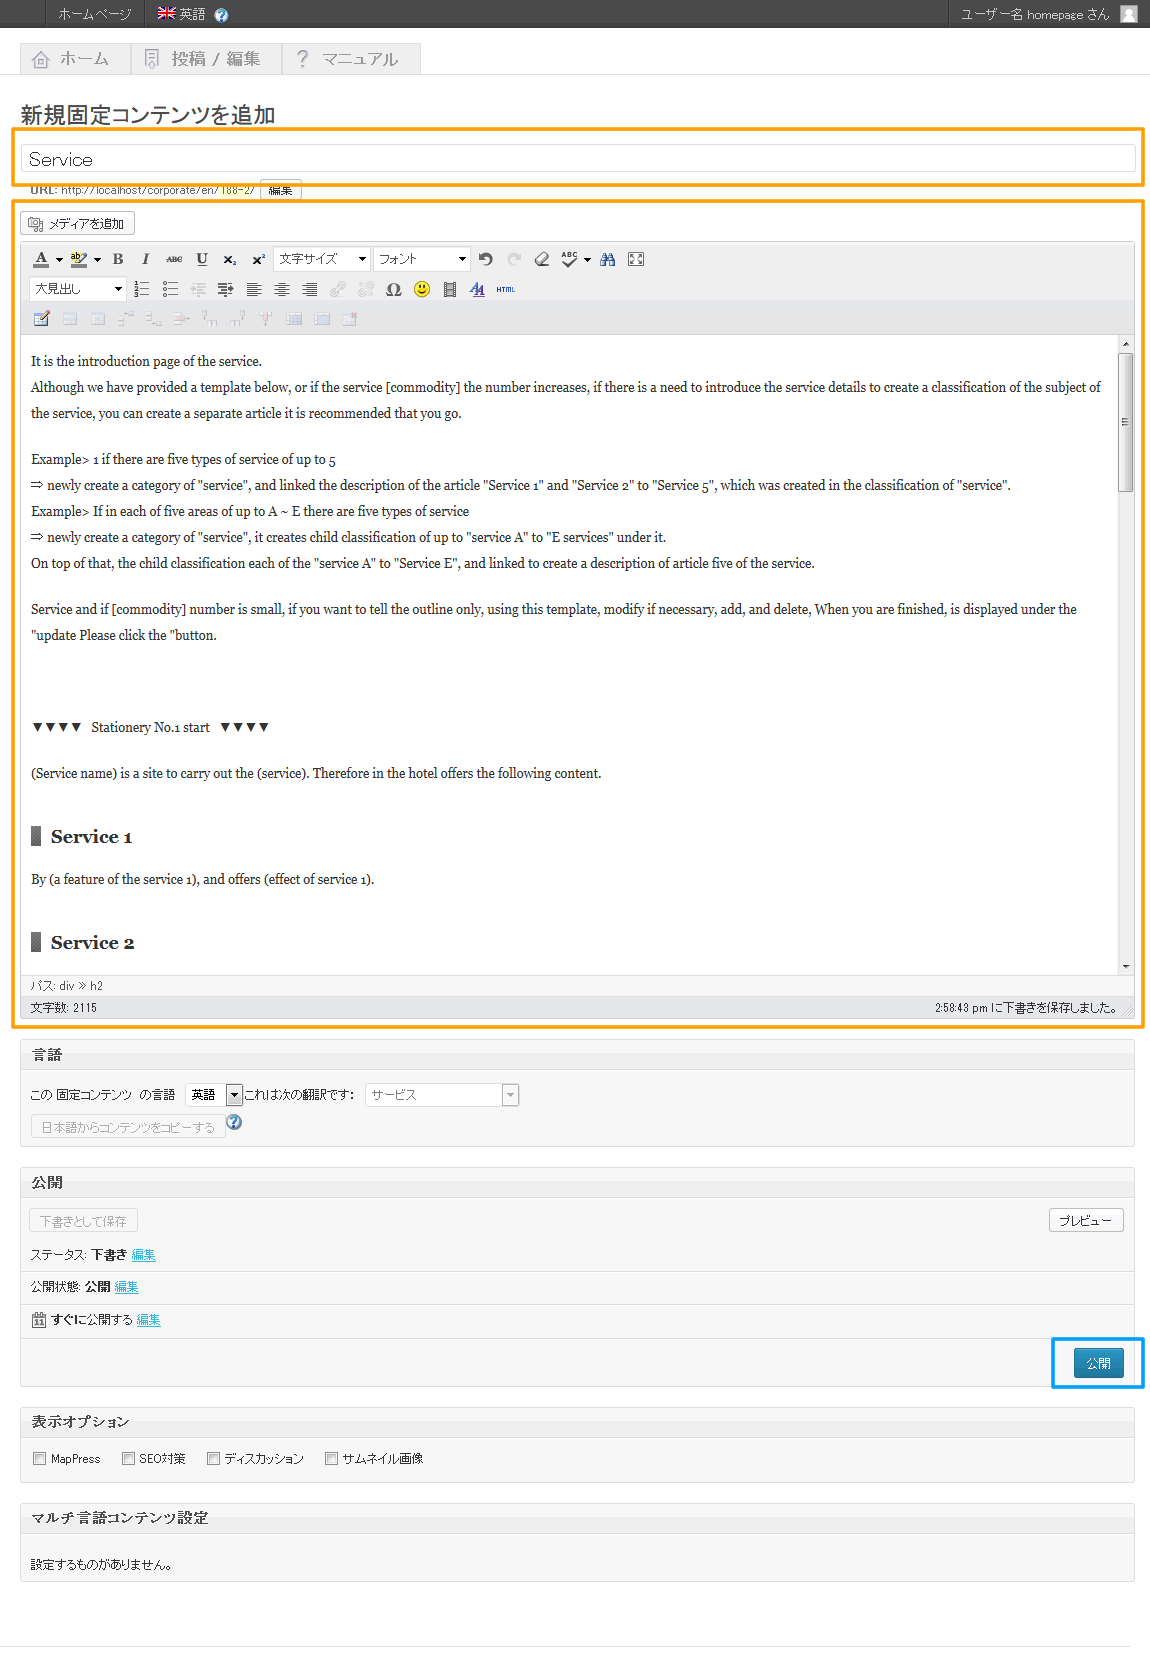 管理画面 固定コンテンツ 翻訳編集 | 簡単格安ホームページ作成サイト - FunMaker